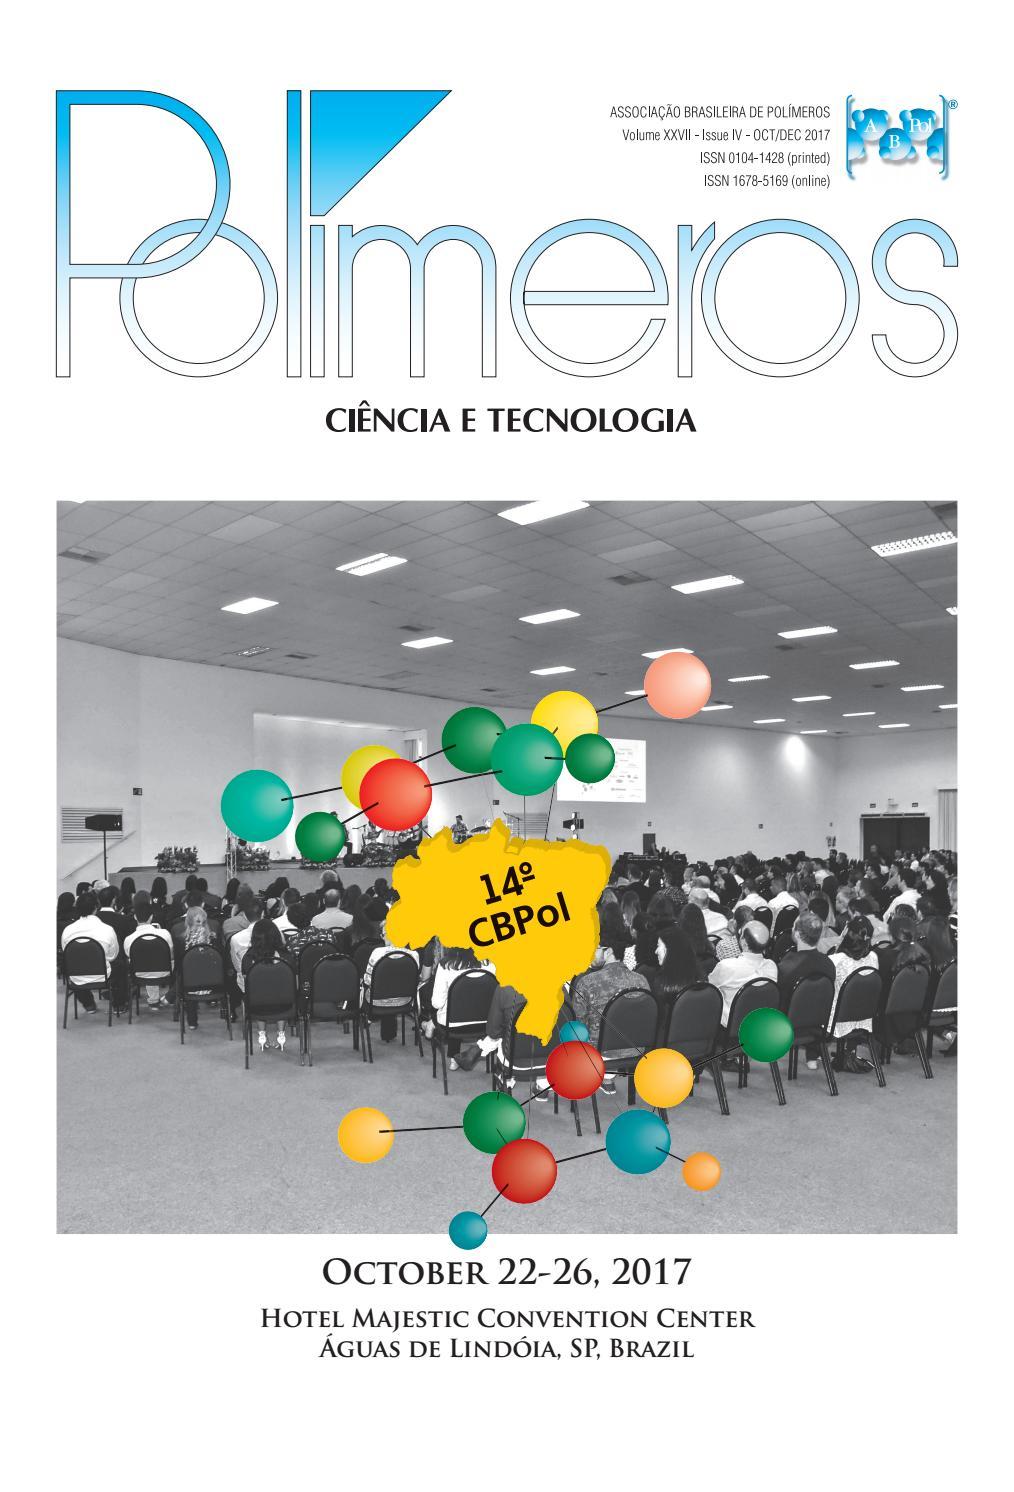 Polímeros: Ciência e Tecnologia 4th. issue, vol 27, 2017 by ...